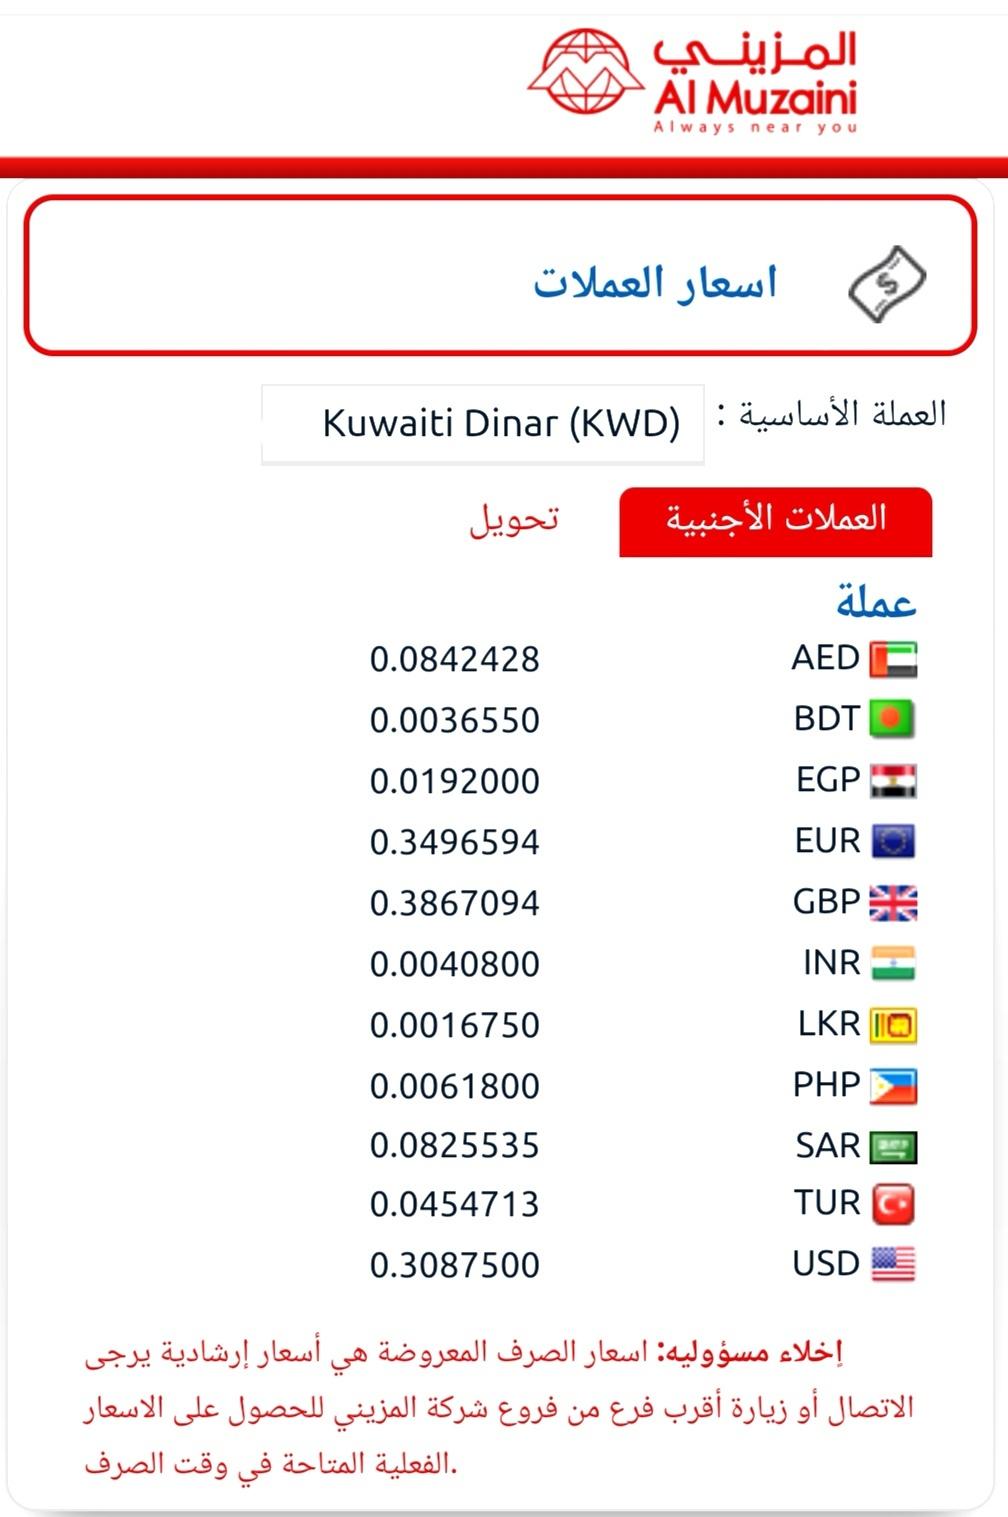 سعر تحويل الدينار الكويتي الي جنيه مصري في المزيني العملات اليوم الأثنين ٢٢ يونيو